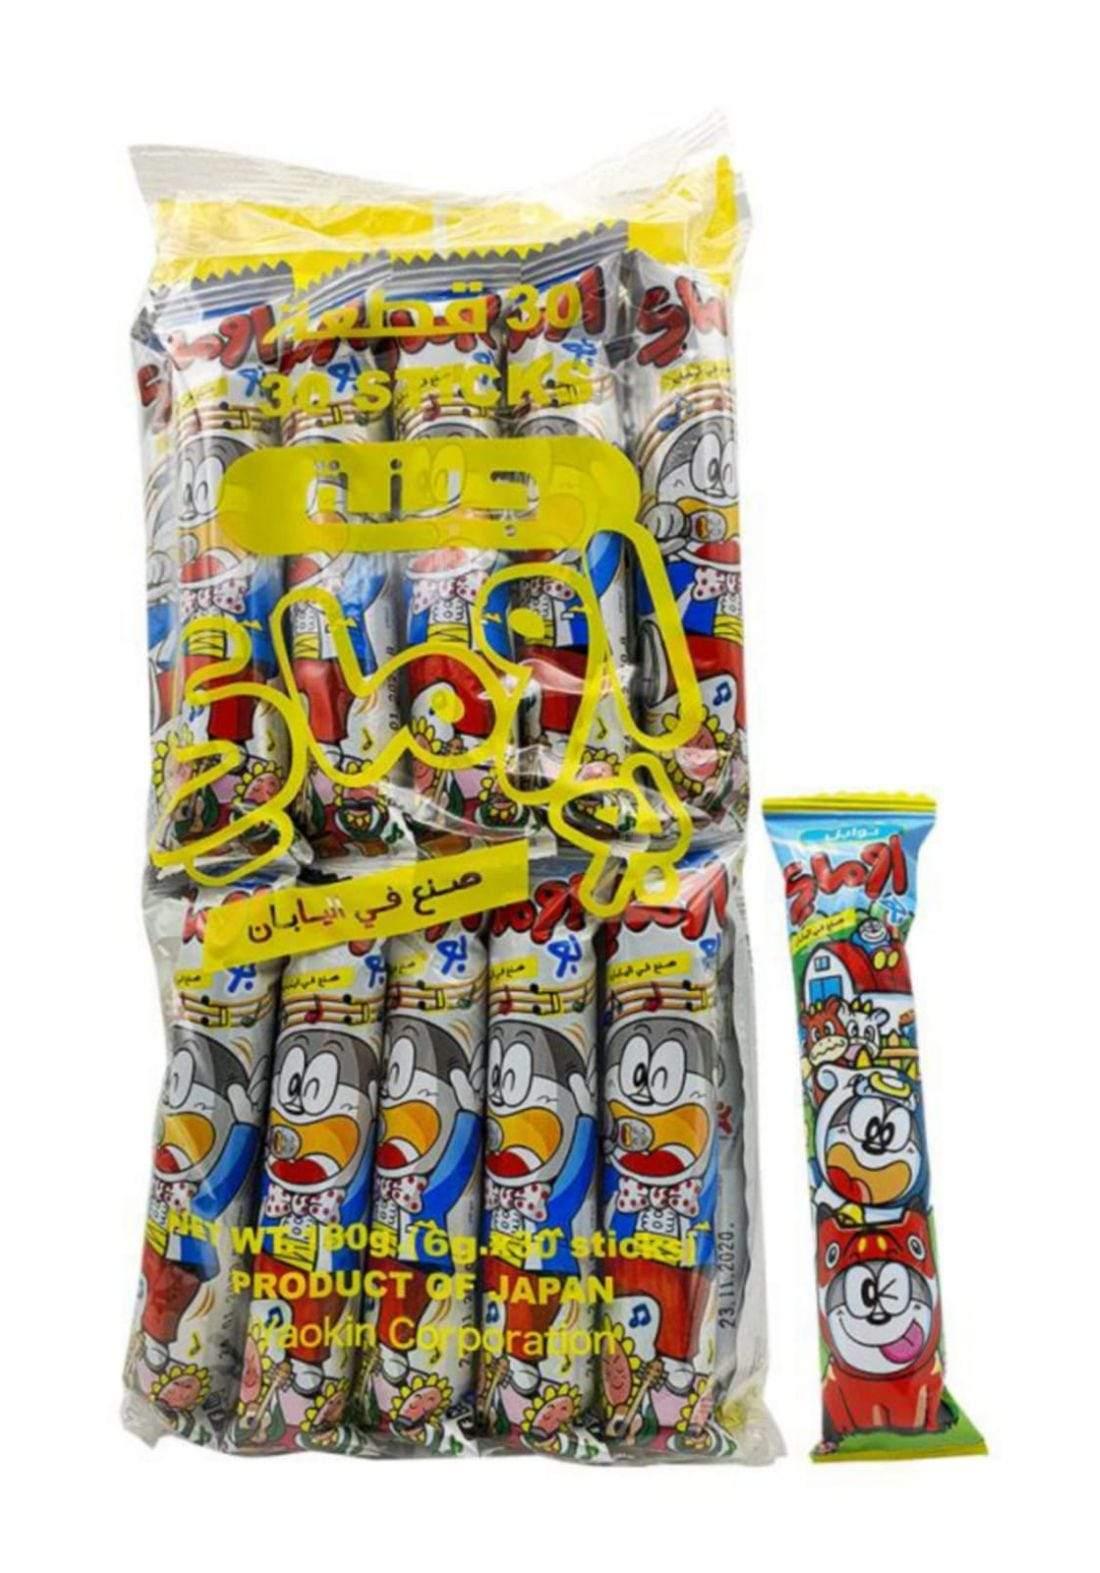 Japanese Omay Bo Snack جبس اوماي بو الياباني